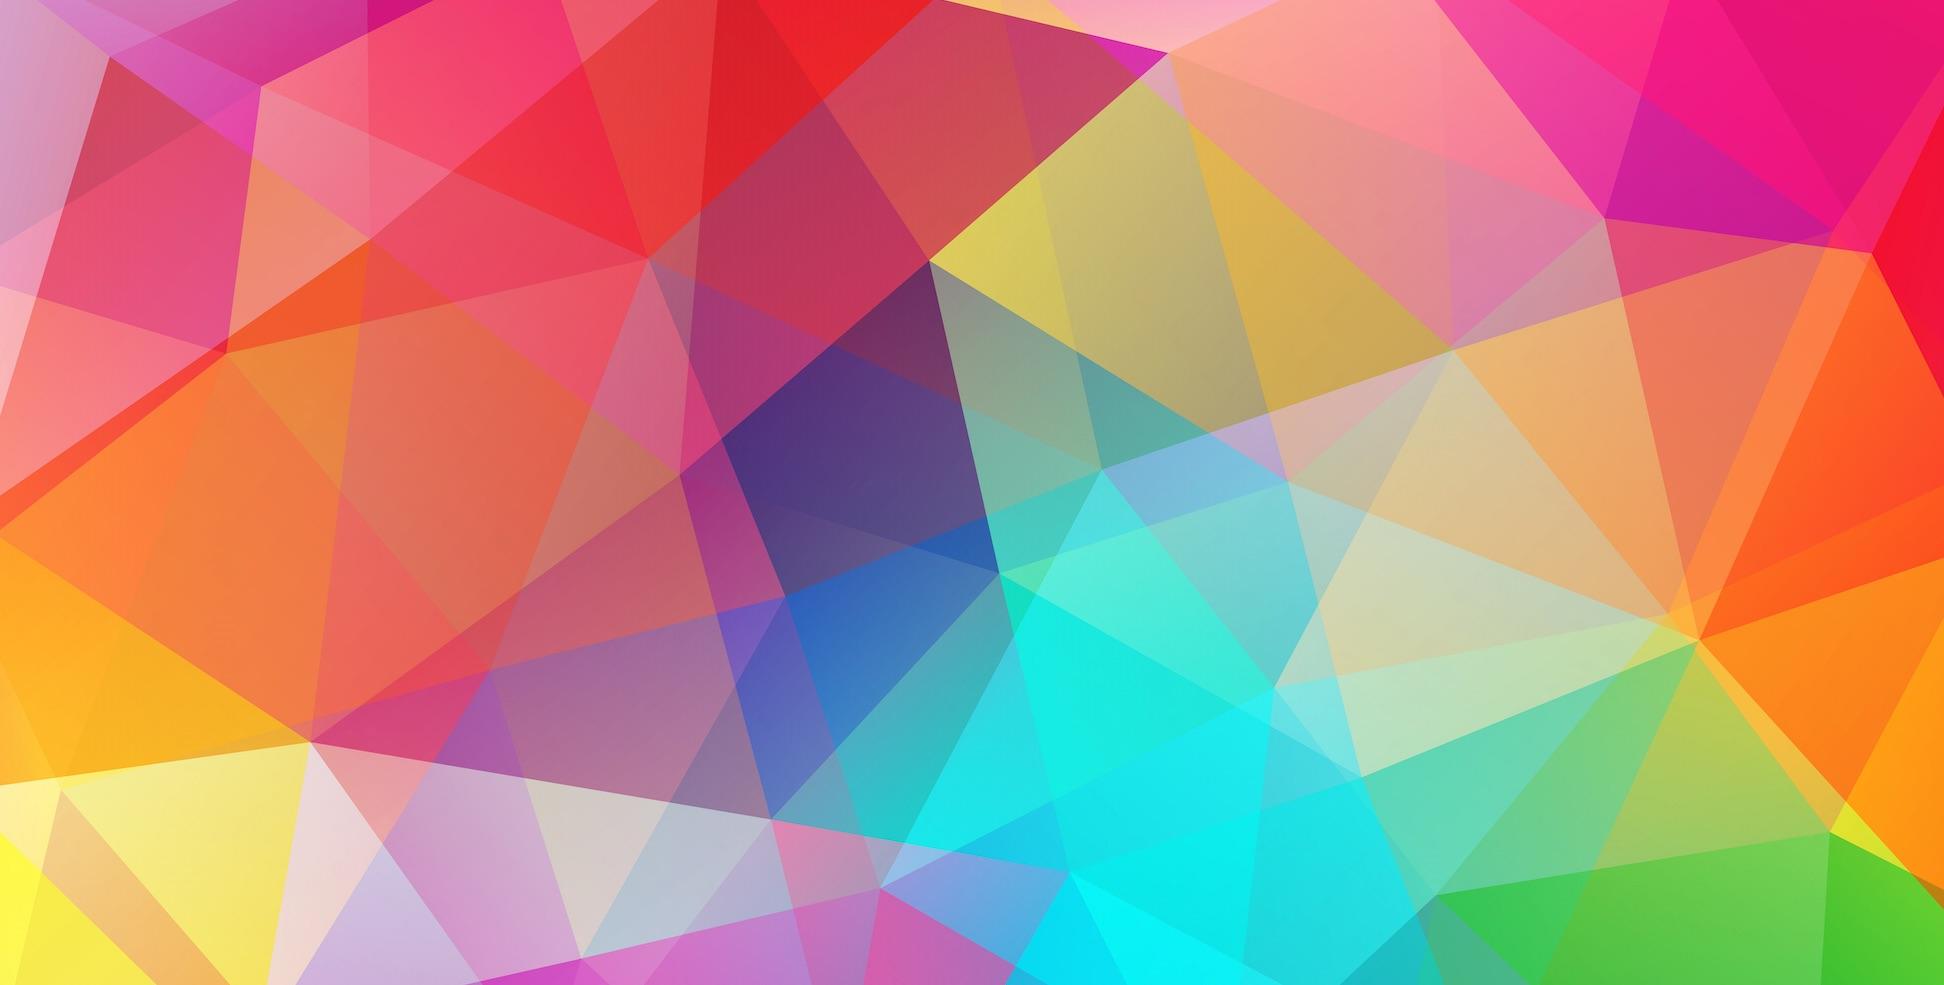 interior colorful wallpaper right - photo #30